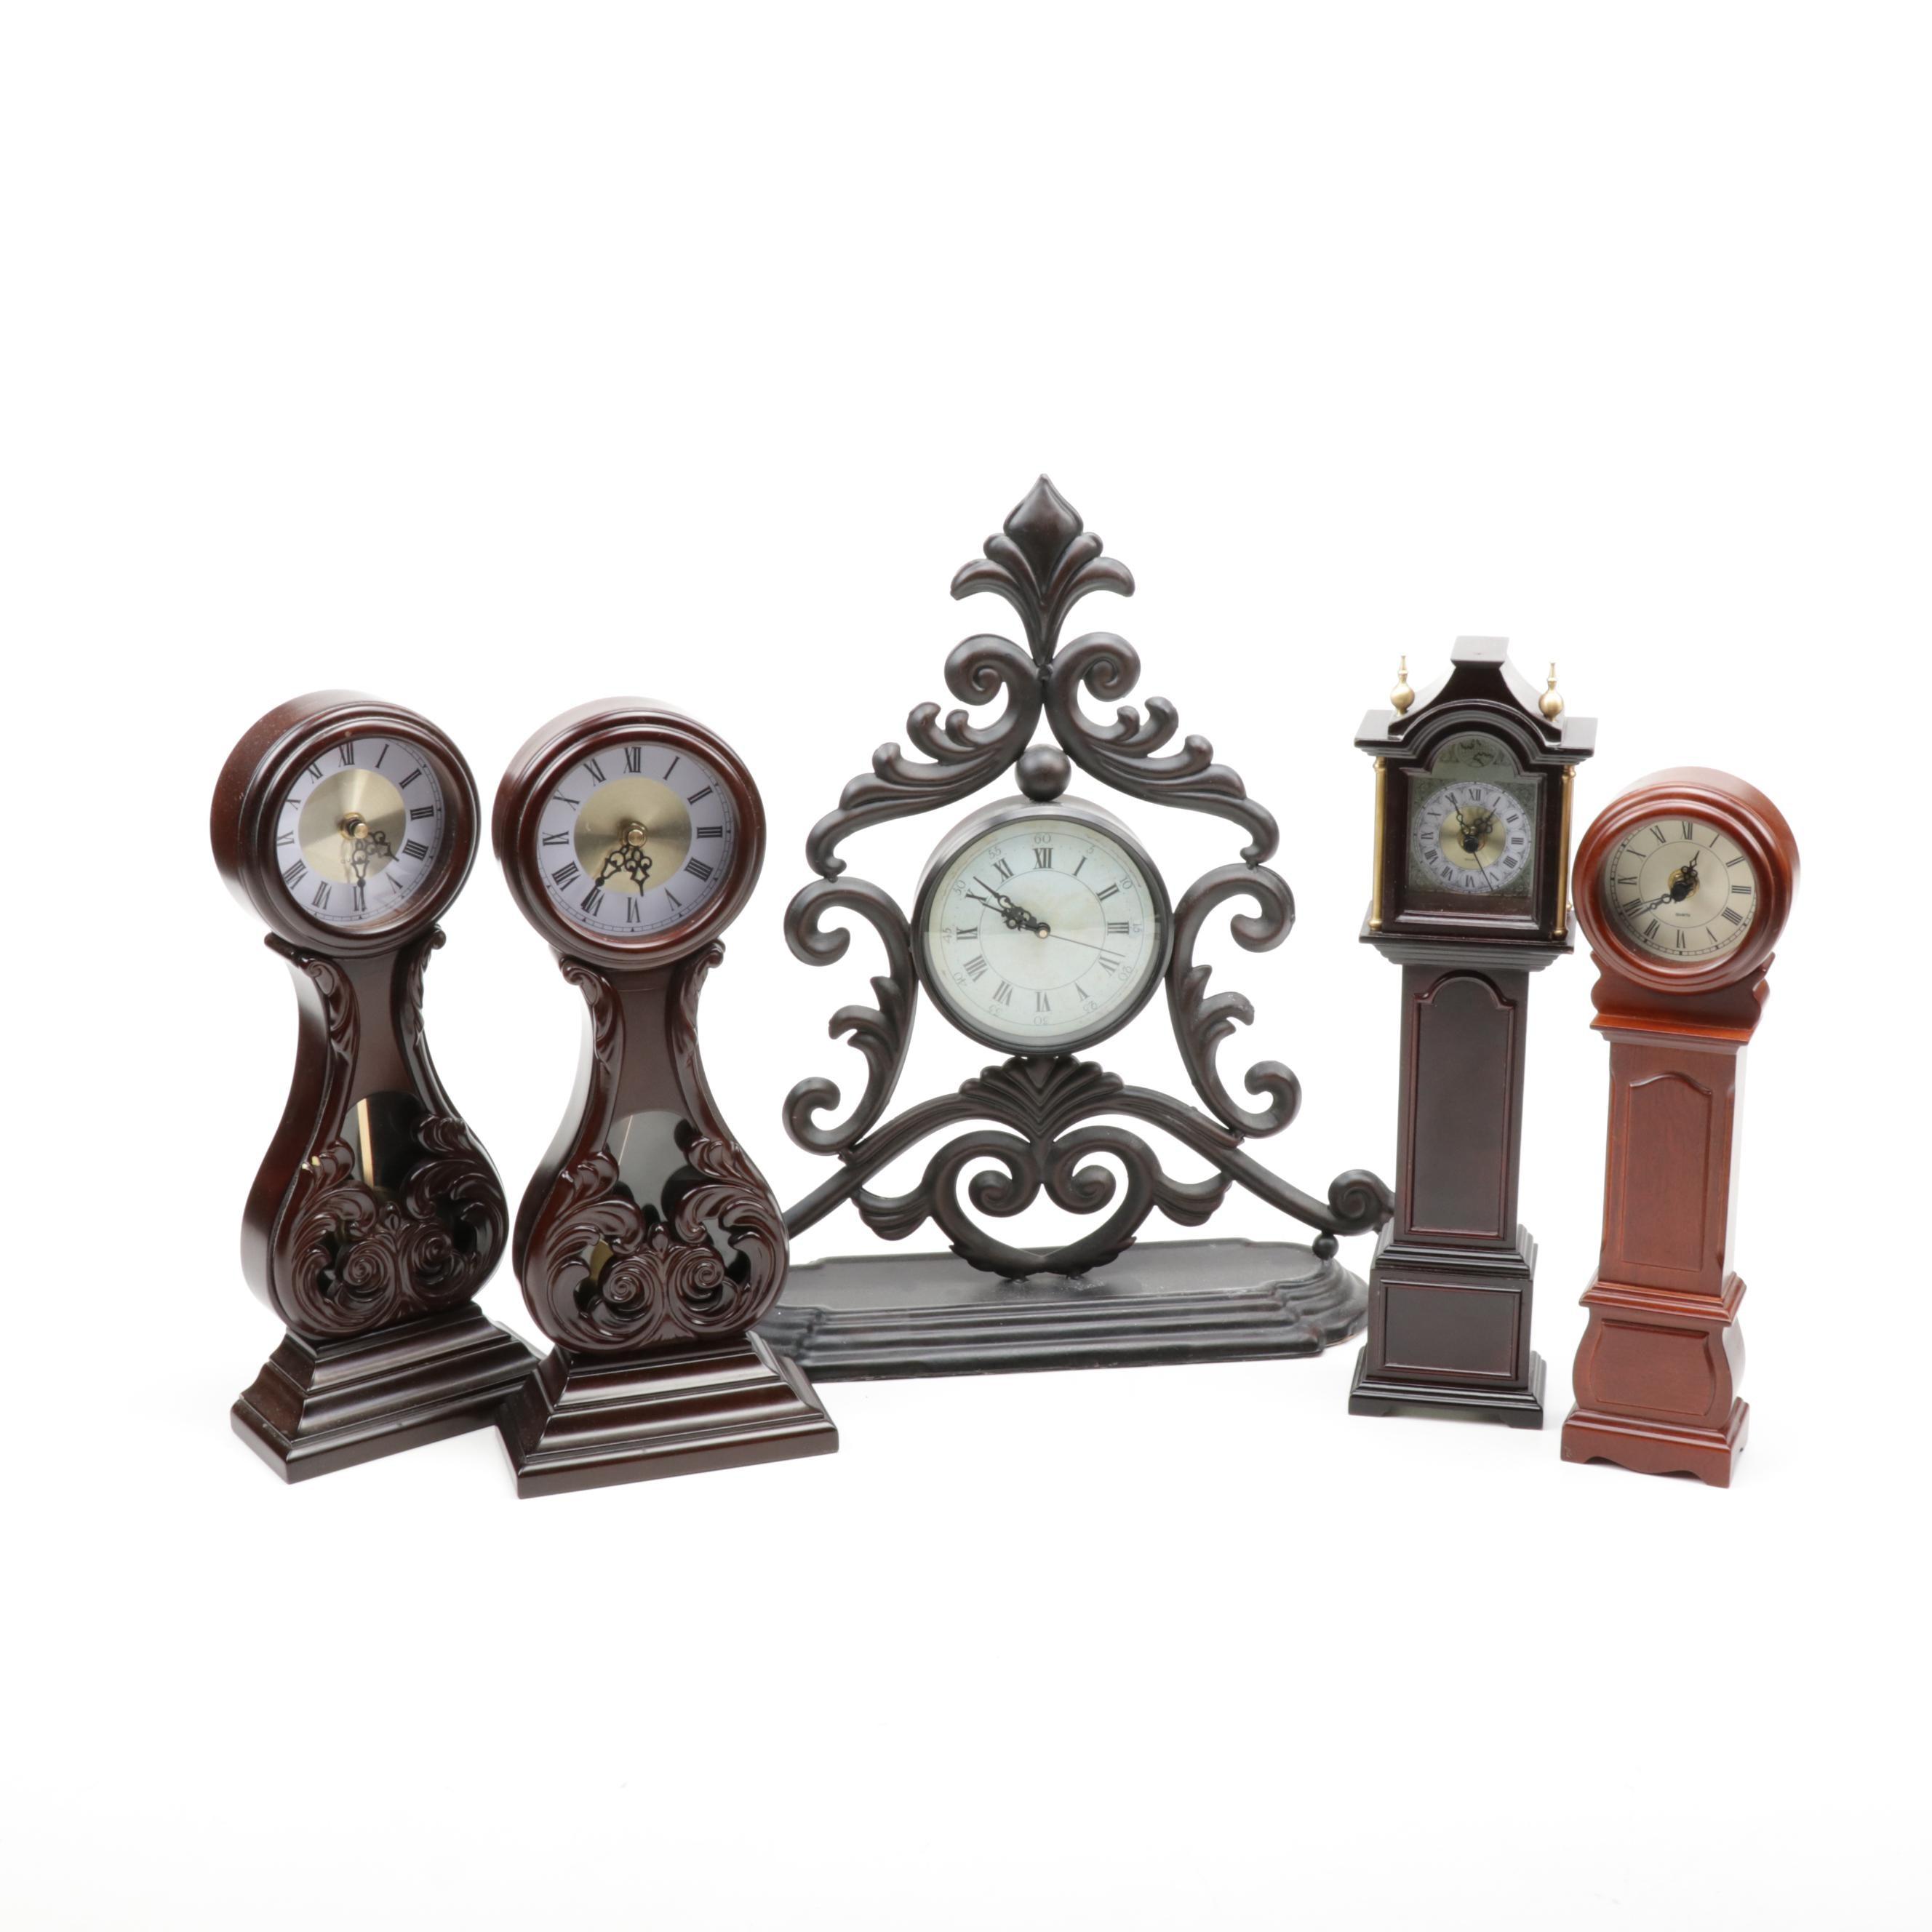 Bombay Company and More Mantel Clocks, Contemporary